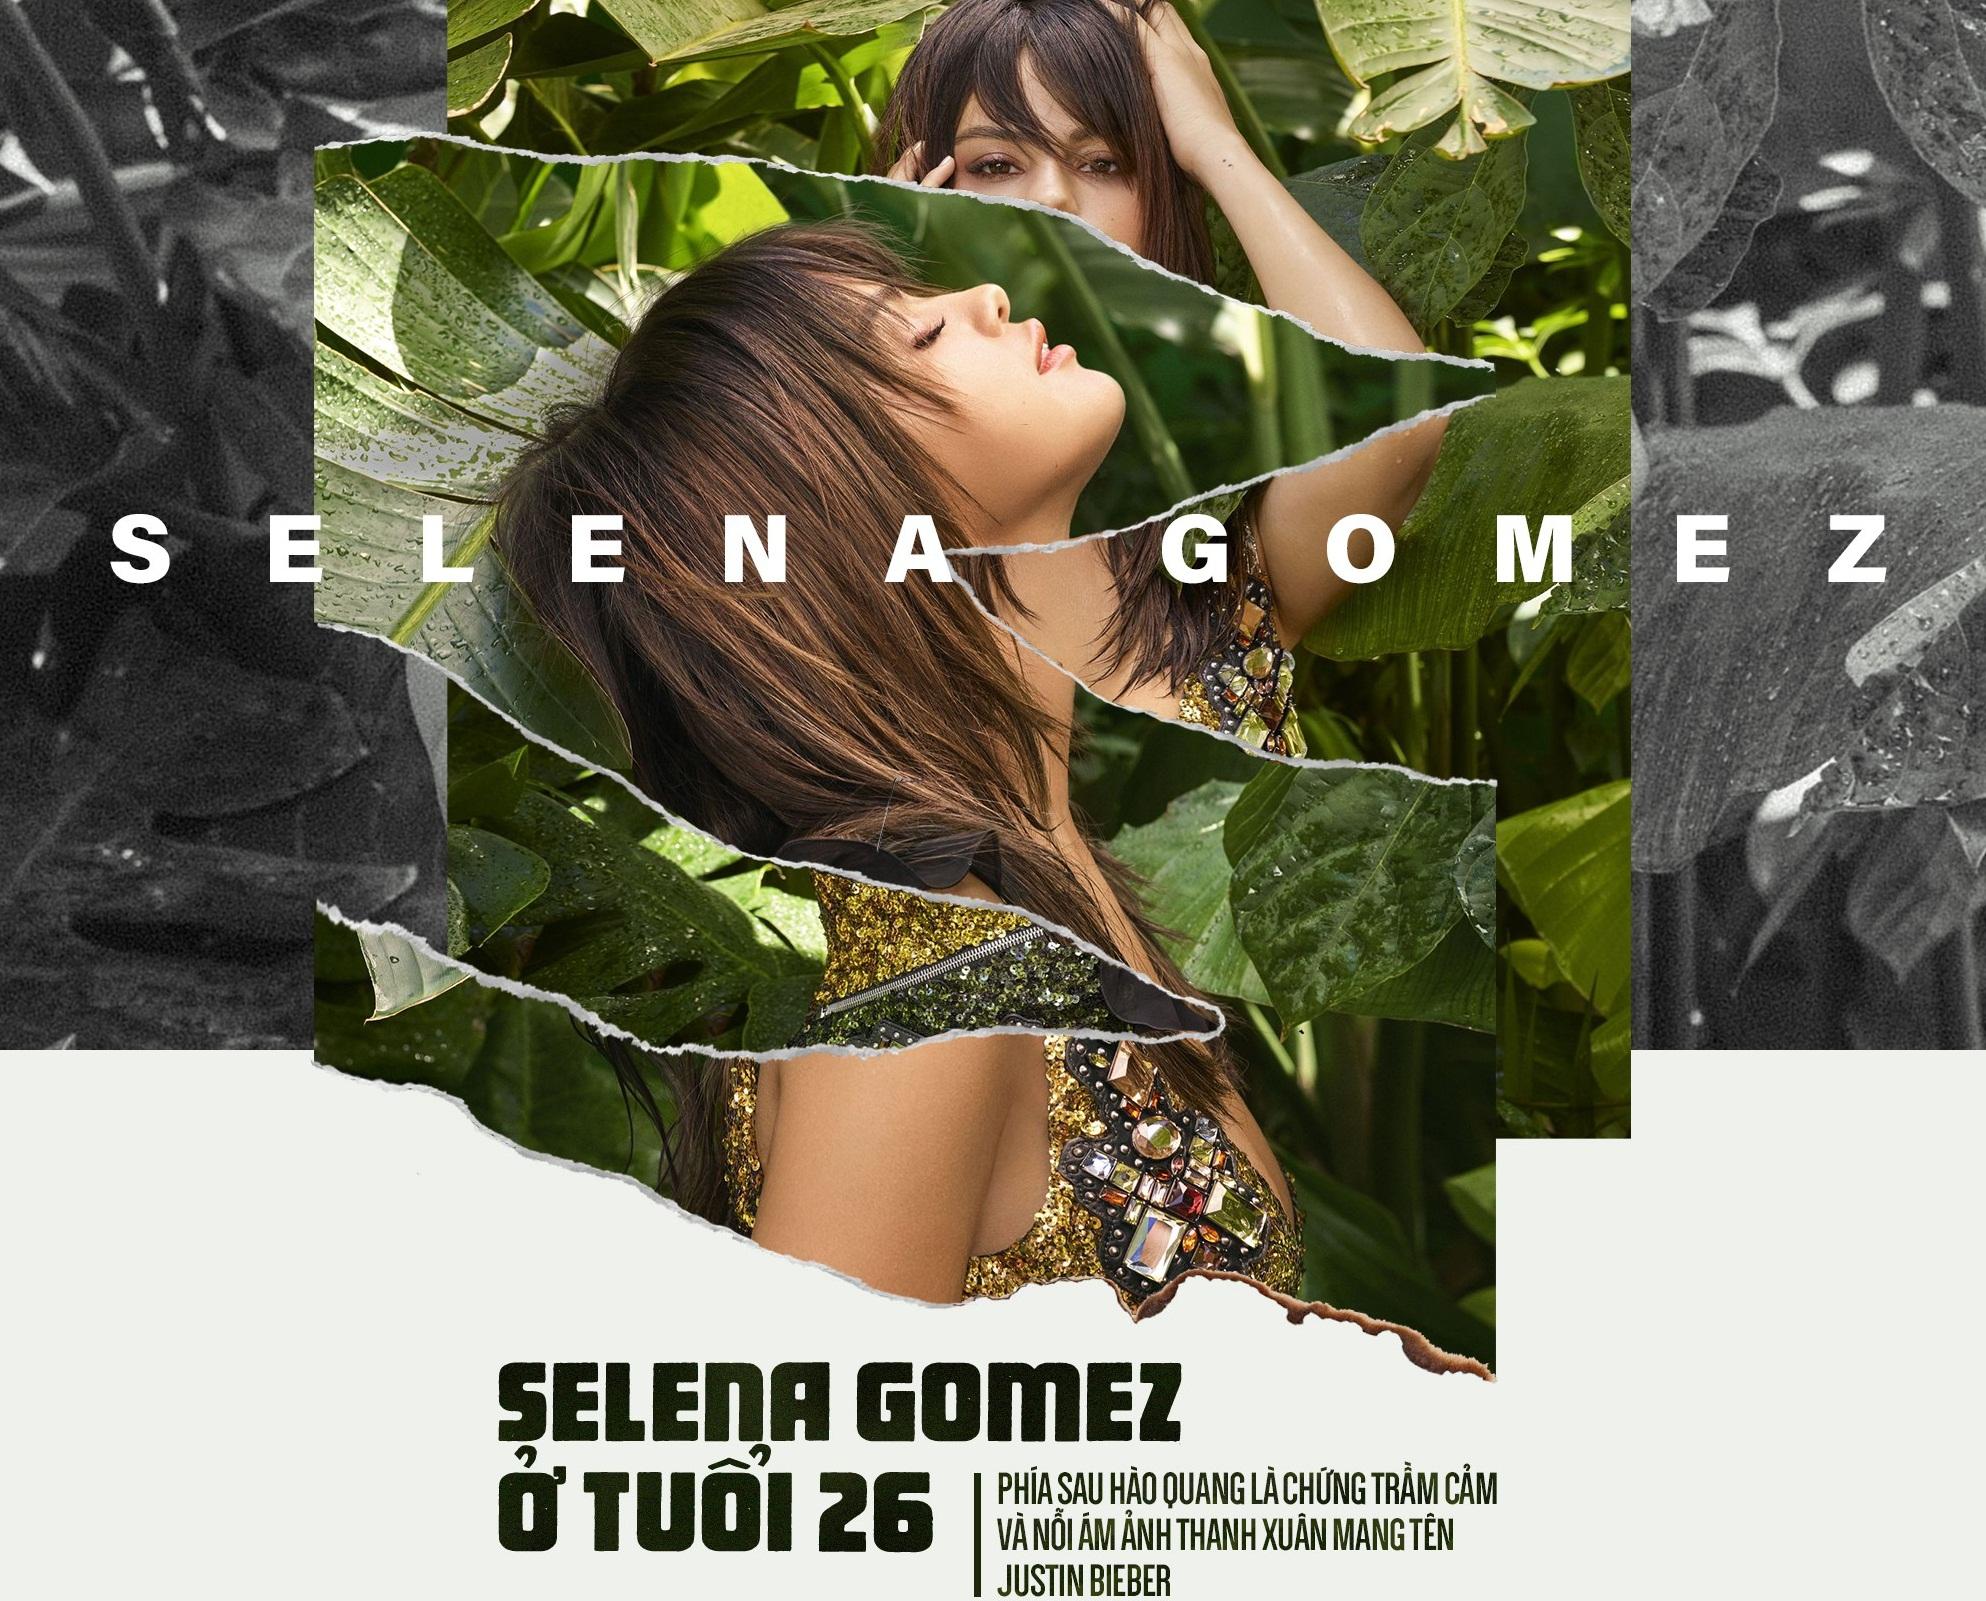 Selena Gomez ở tuổi 26: Phía sau hào quang là chứng trầm cảm và nỗi ám ảnh thanh xuân mang tên Justin Bieber